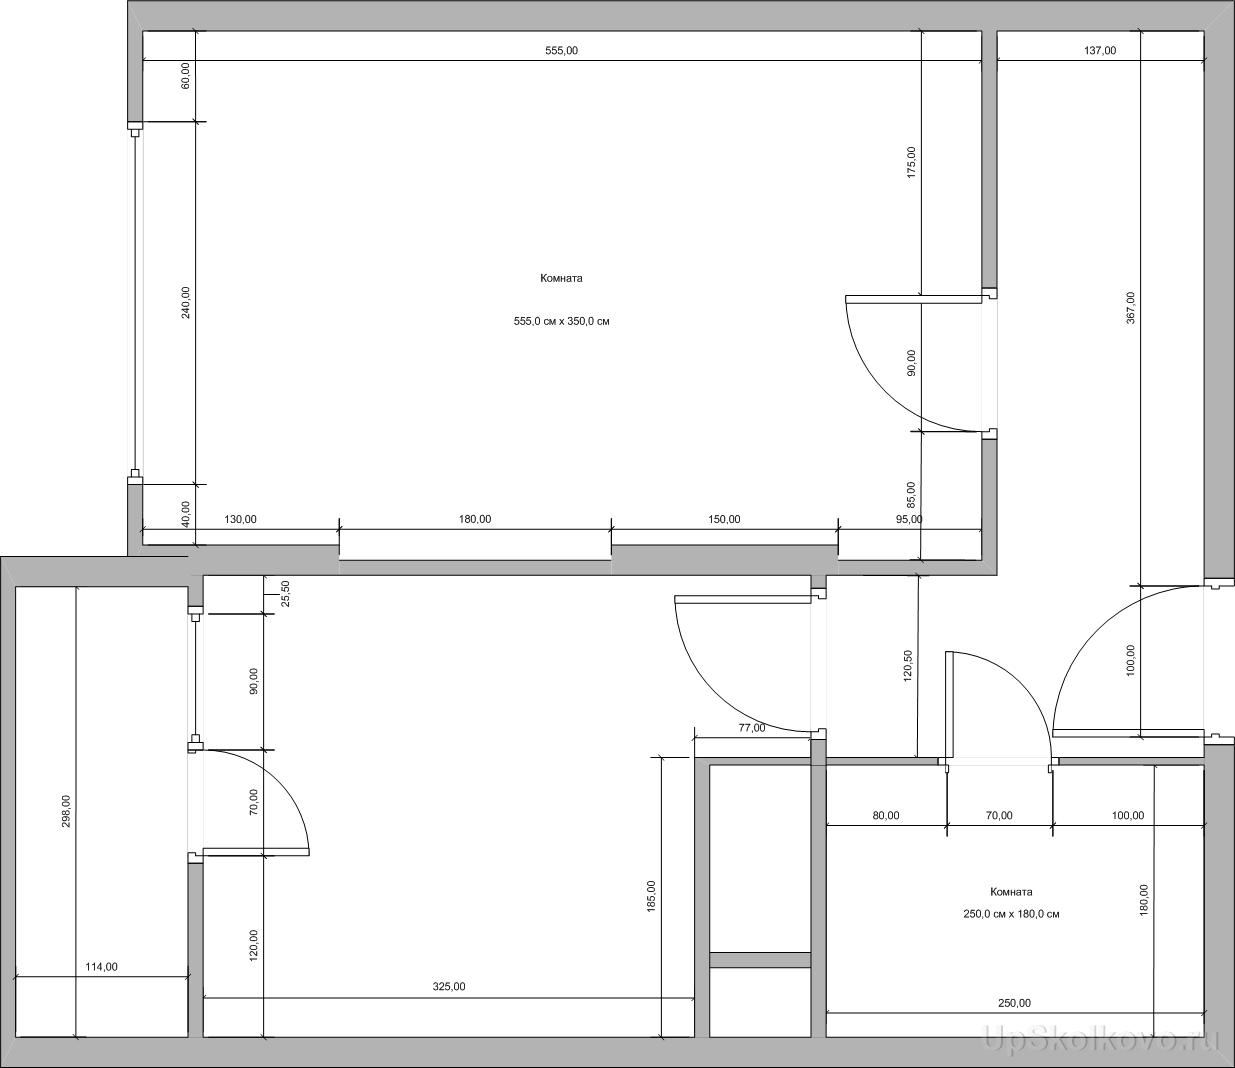 Реальные размеры и планировки квартир - Квартира.png